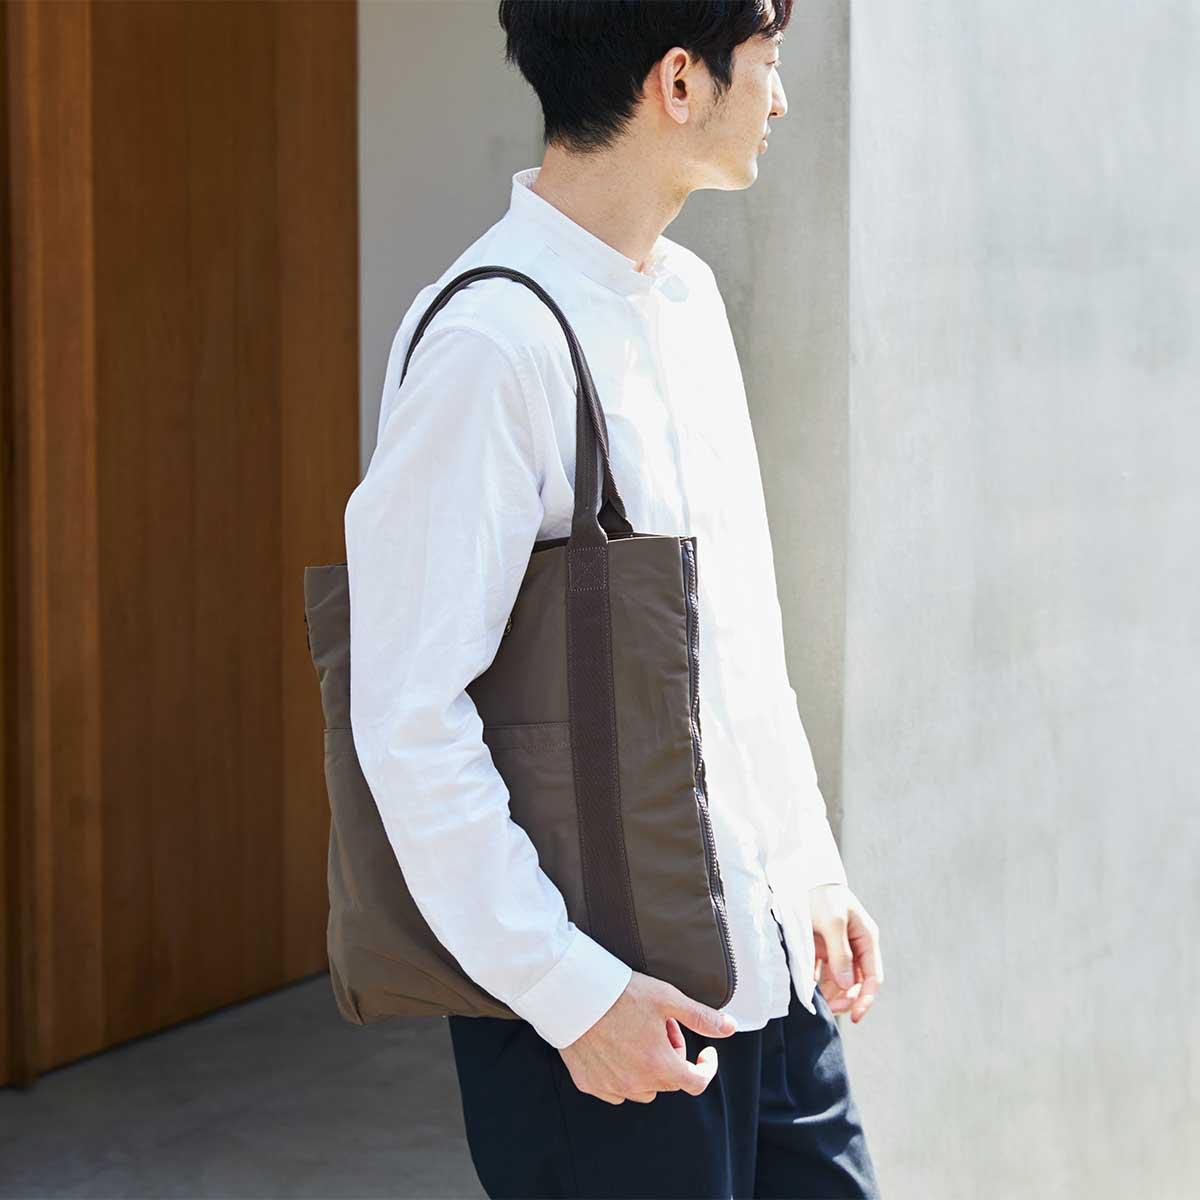 新時代の「広がるトート」で、仕事へ、アウトドアへ、買い物へ、ジムへ、軽やかに出かけましょう。薄型トートバッグが大容量バッグに変身するバッグ|WARPトランスフォームジッパーバッグ